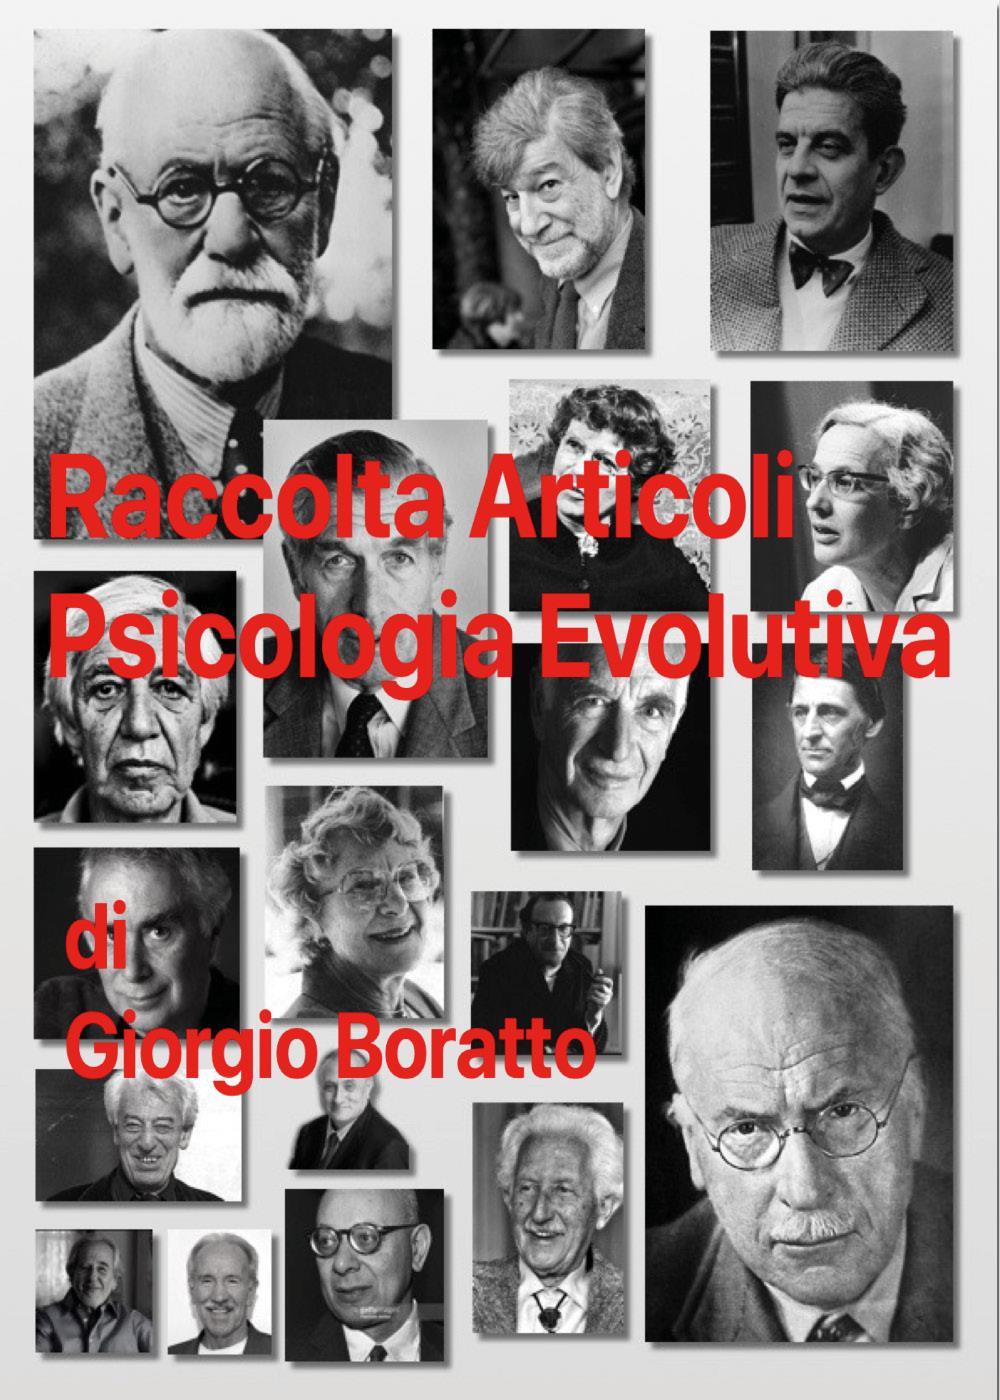 Raccolta articoli Psicologia Evolutiva